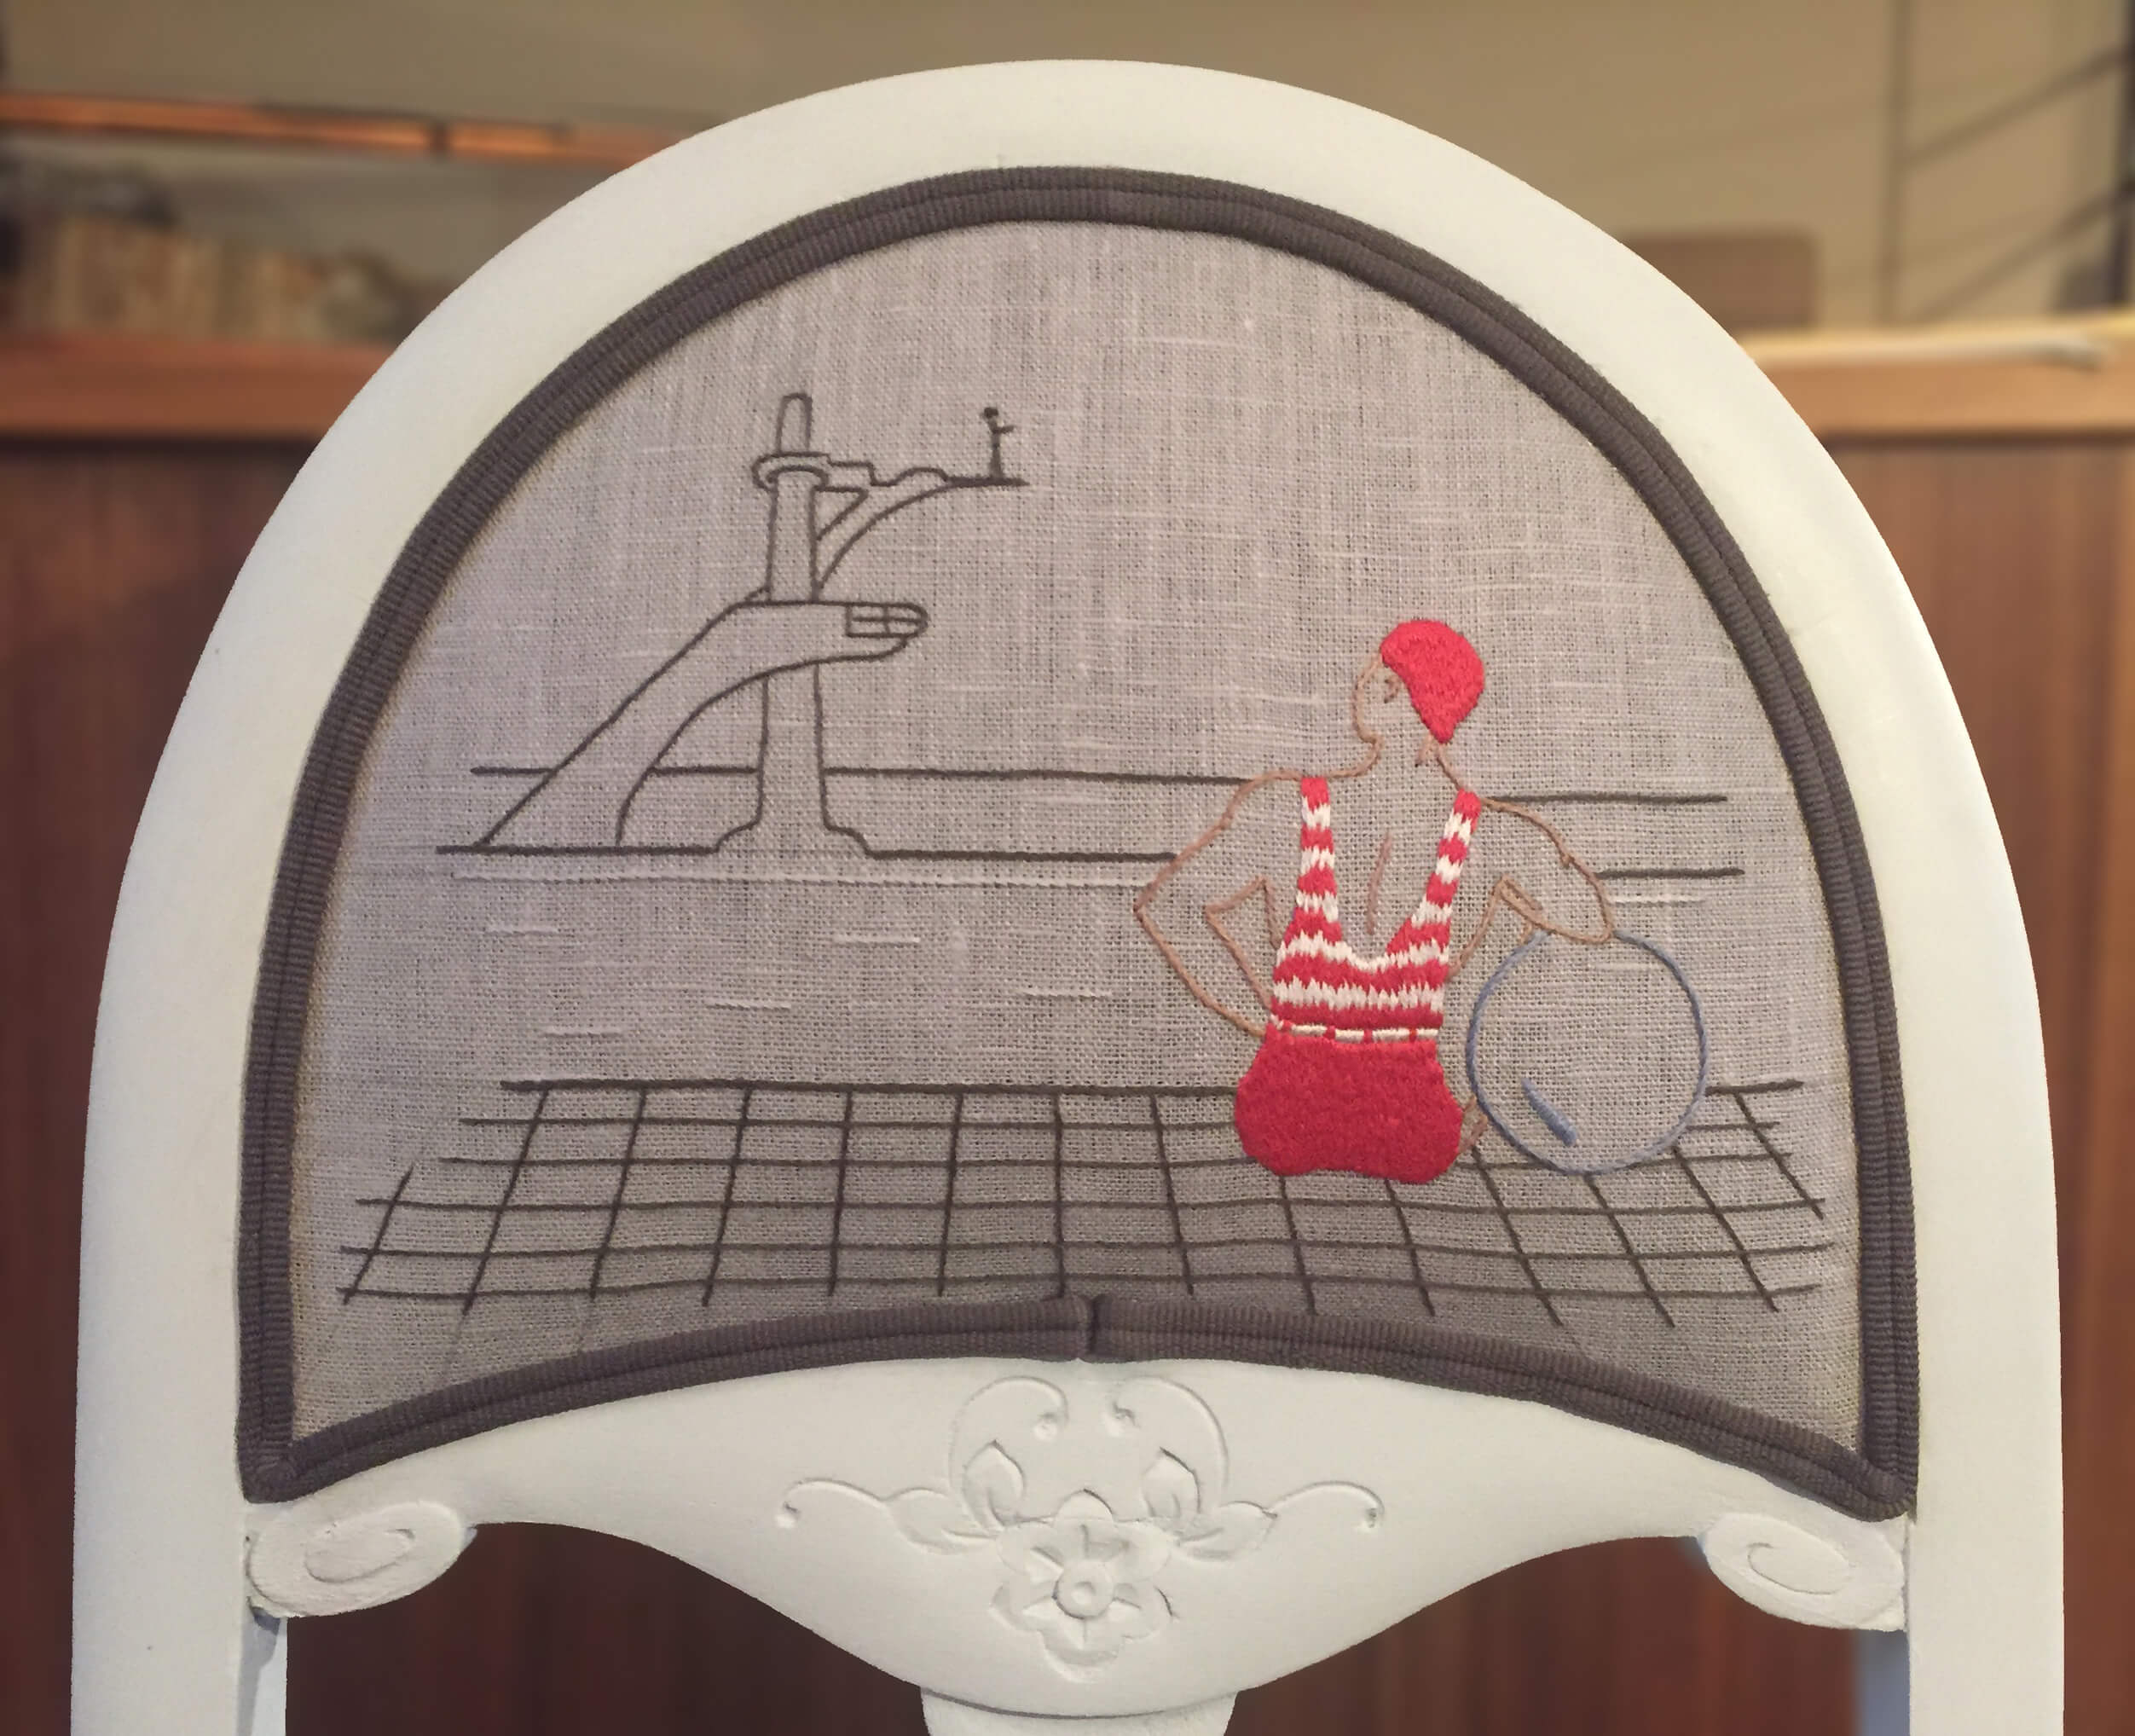 Dossier de chaise brodée, vue du baigneur regardant la plongeuse